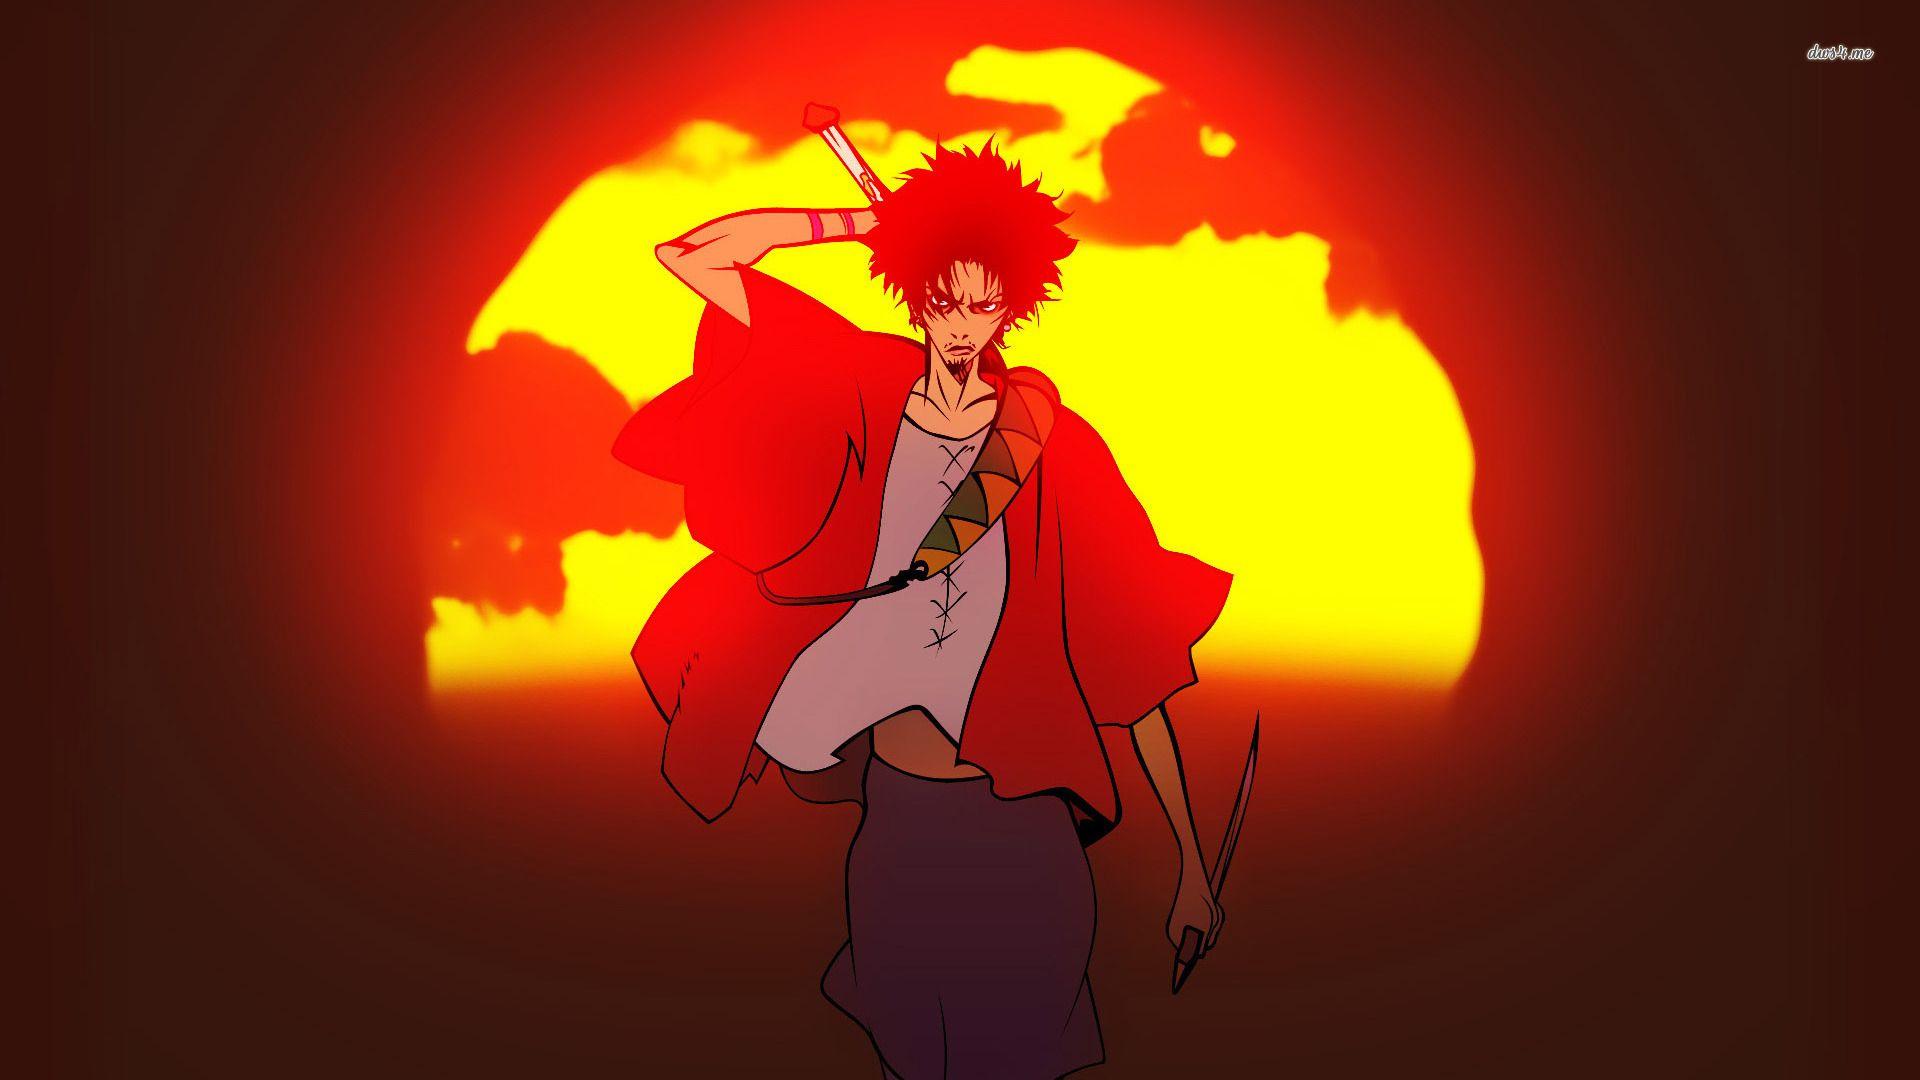 126fa40952ed Mugen Samurai Champloo | AniMania! | Samurai champloo, Samurai, Anime